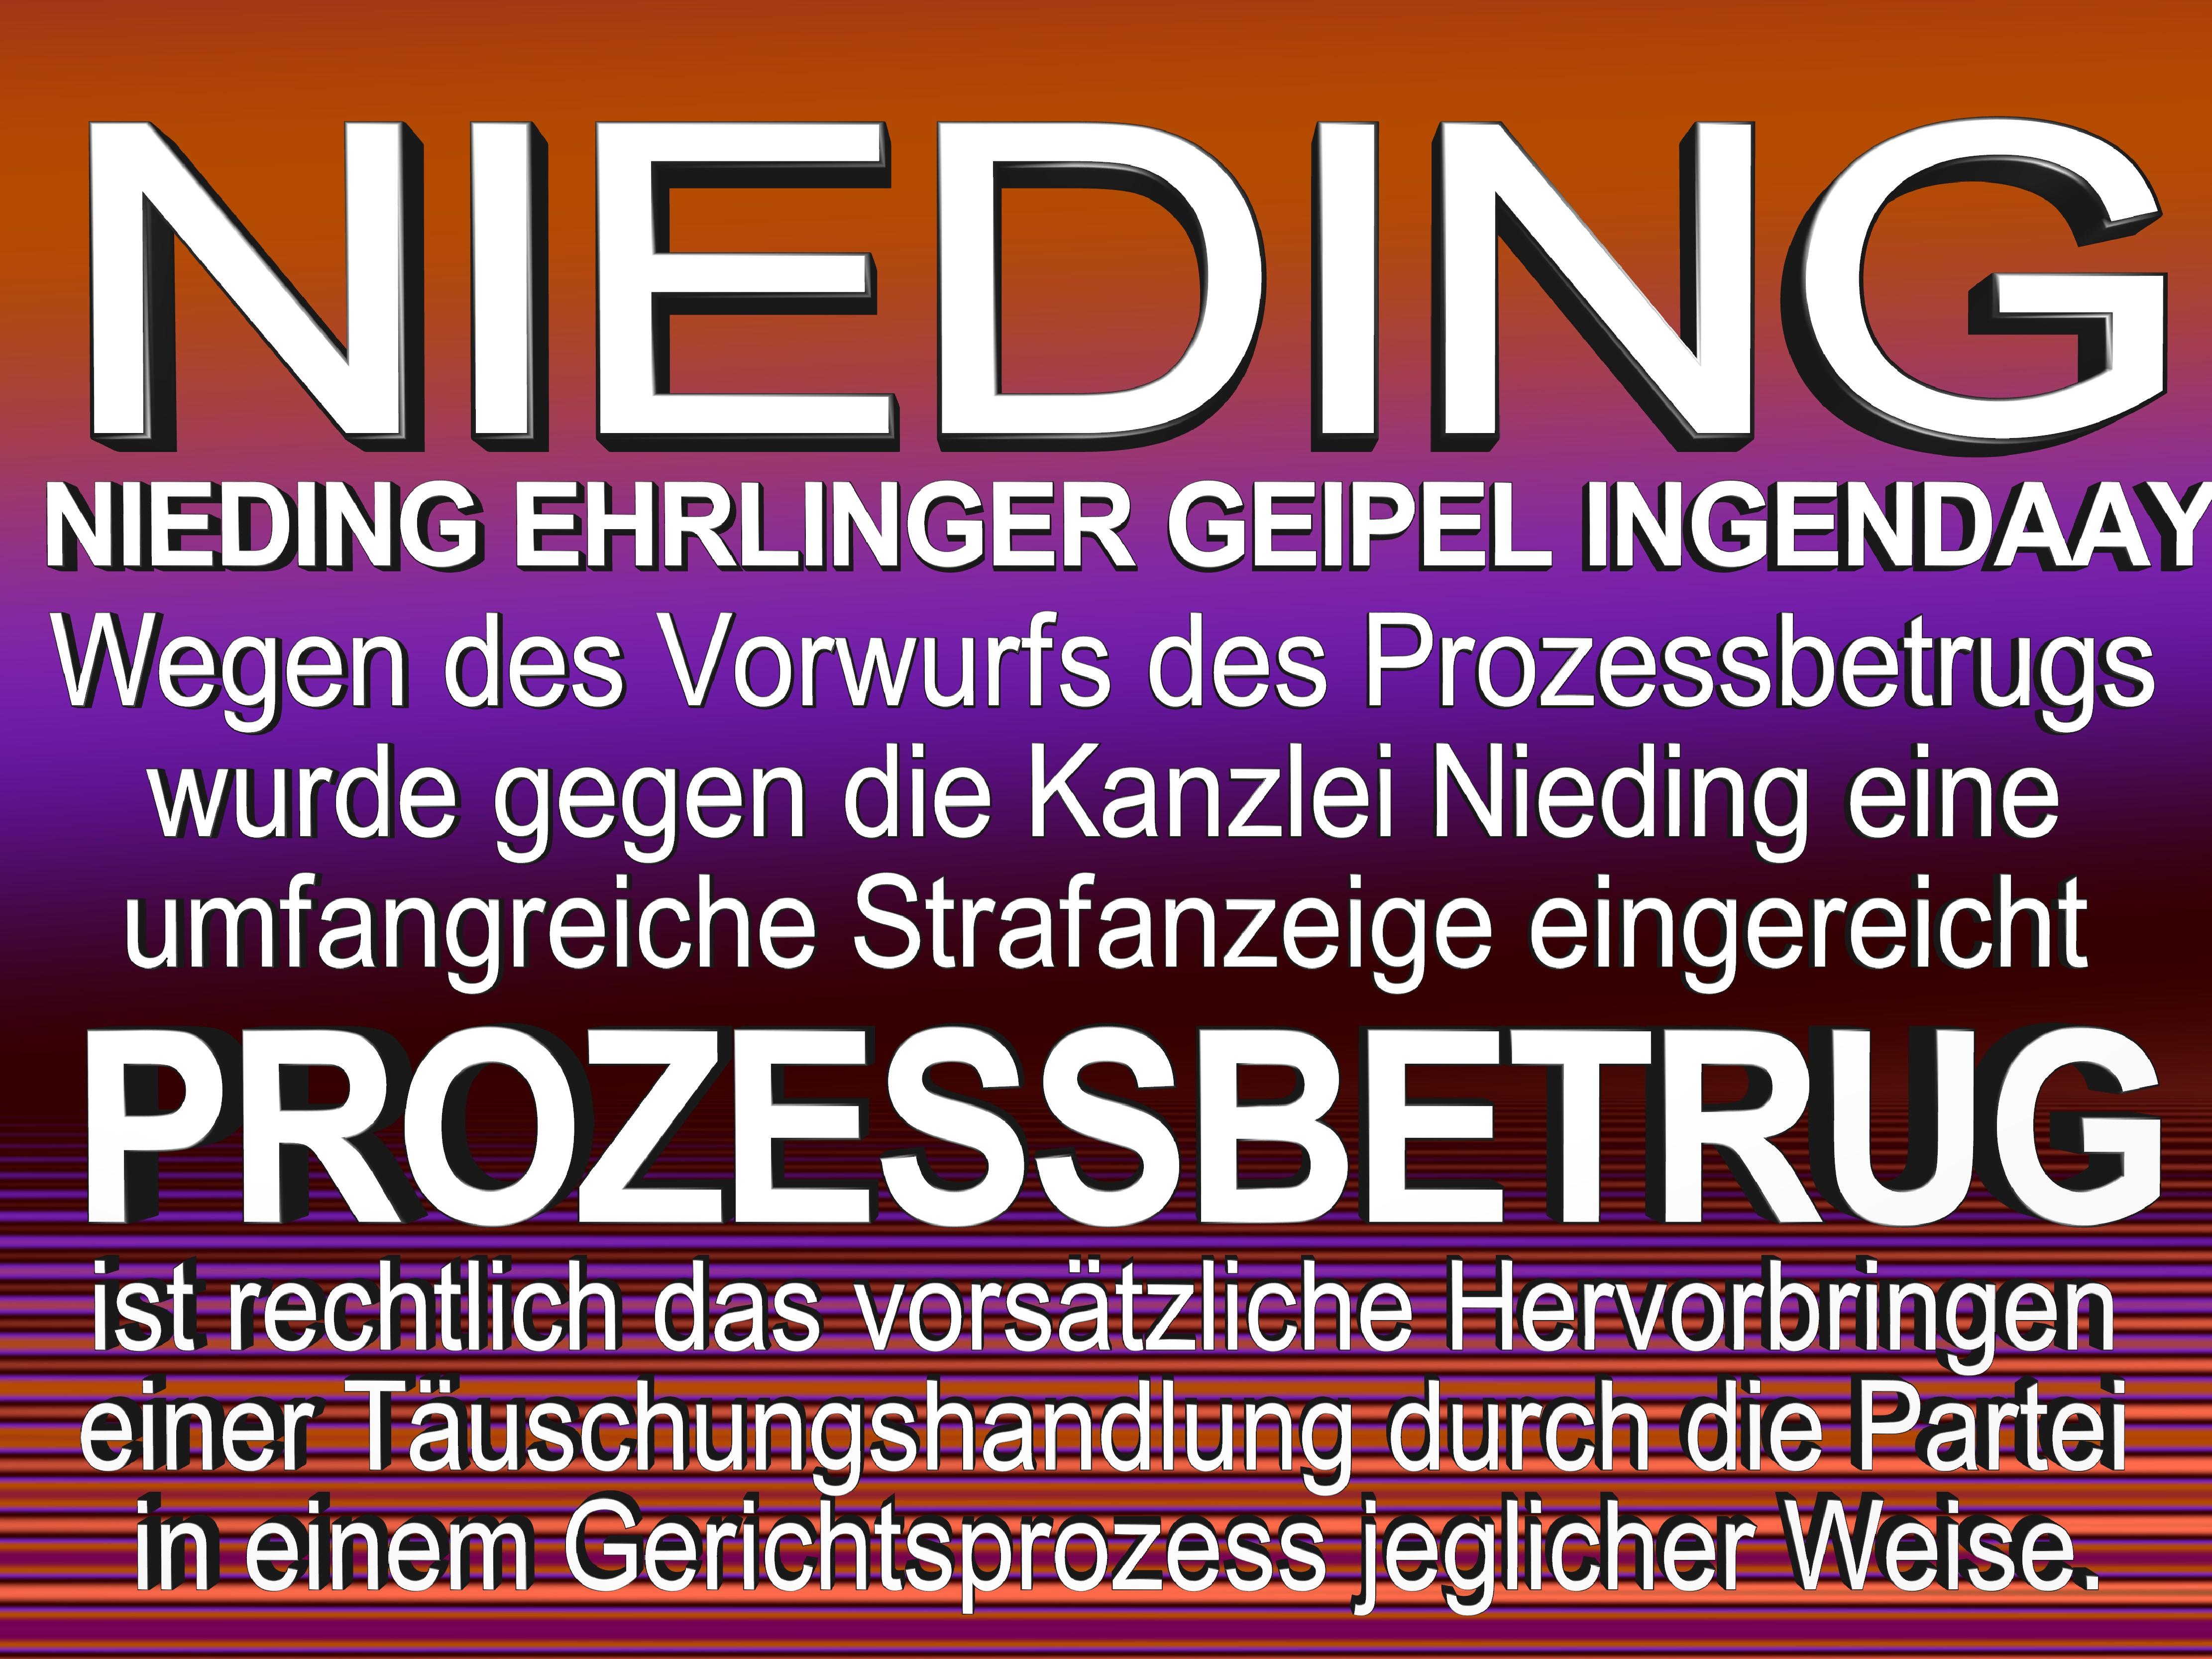 NIEDING EHRLINGER GEIPEL INGENDAAY LELKE Kurfürstendamm 66 Berlin (23)